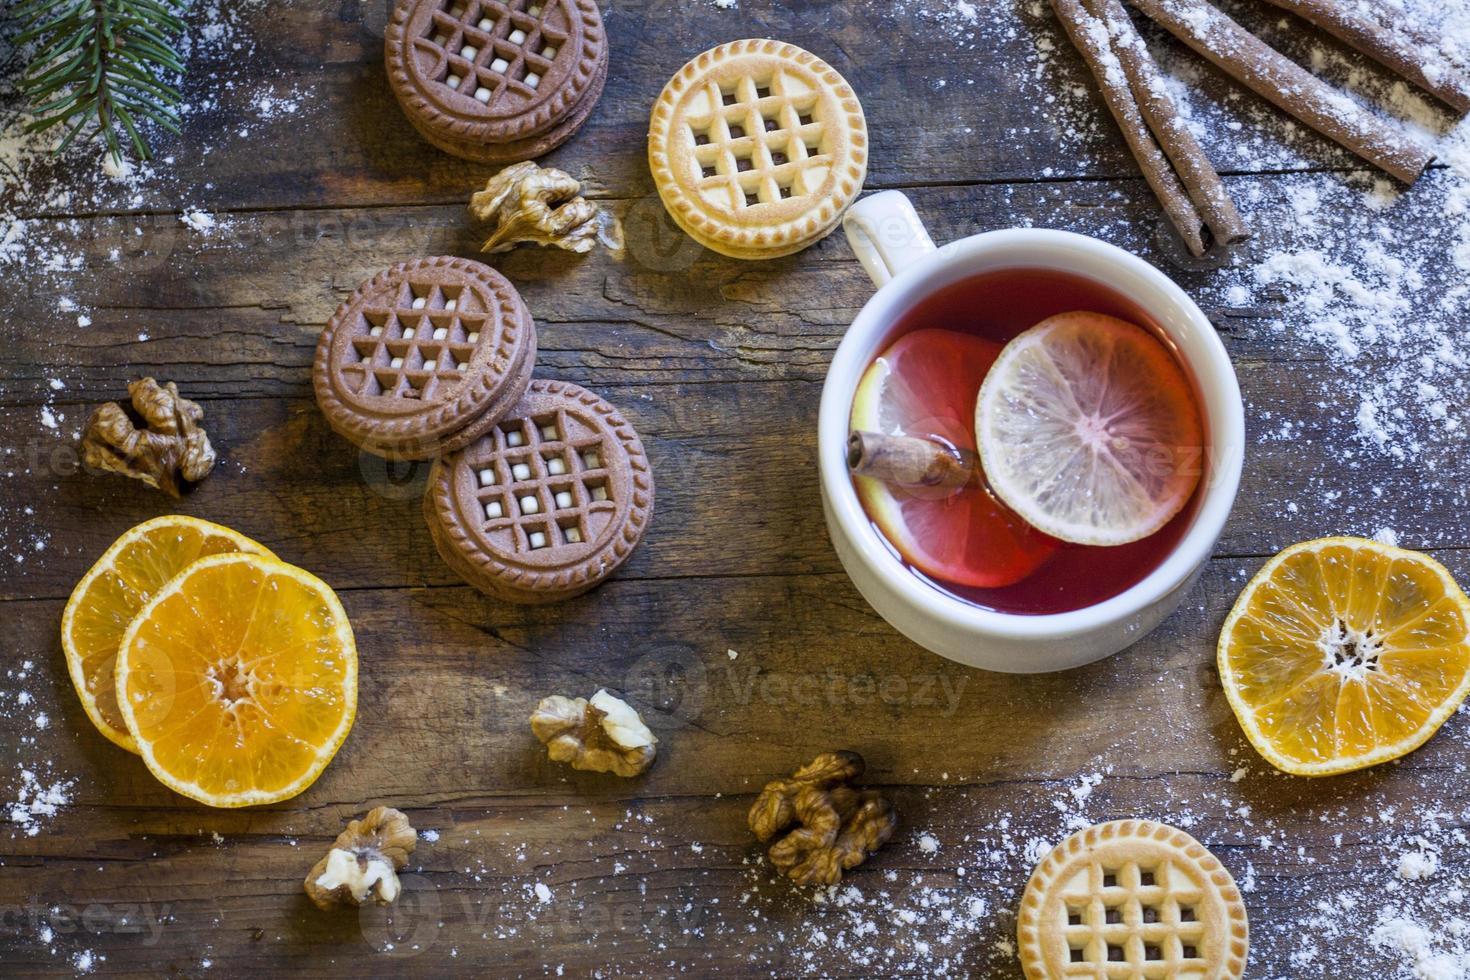 chá, tangerinas e biscoitos na decoração de natal foto